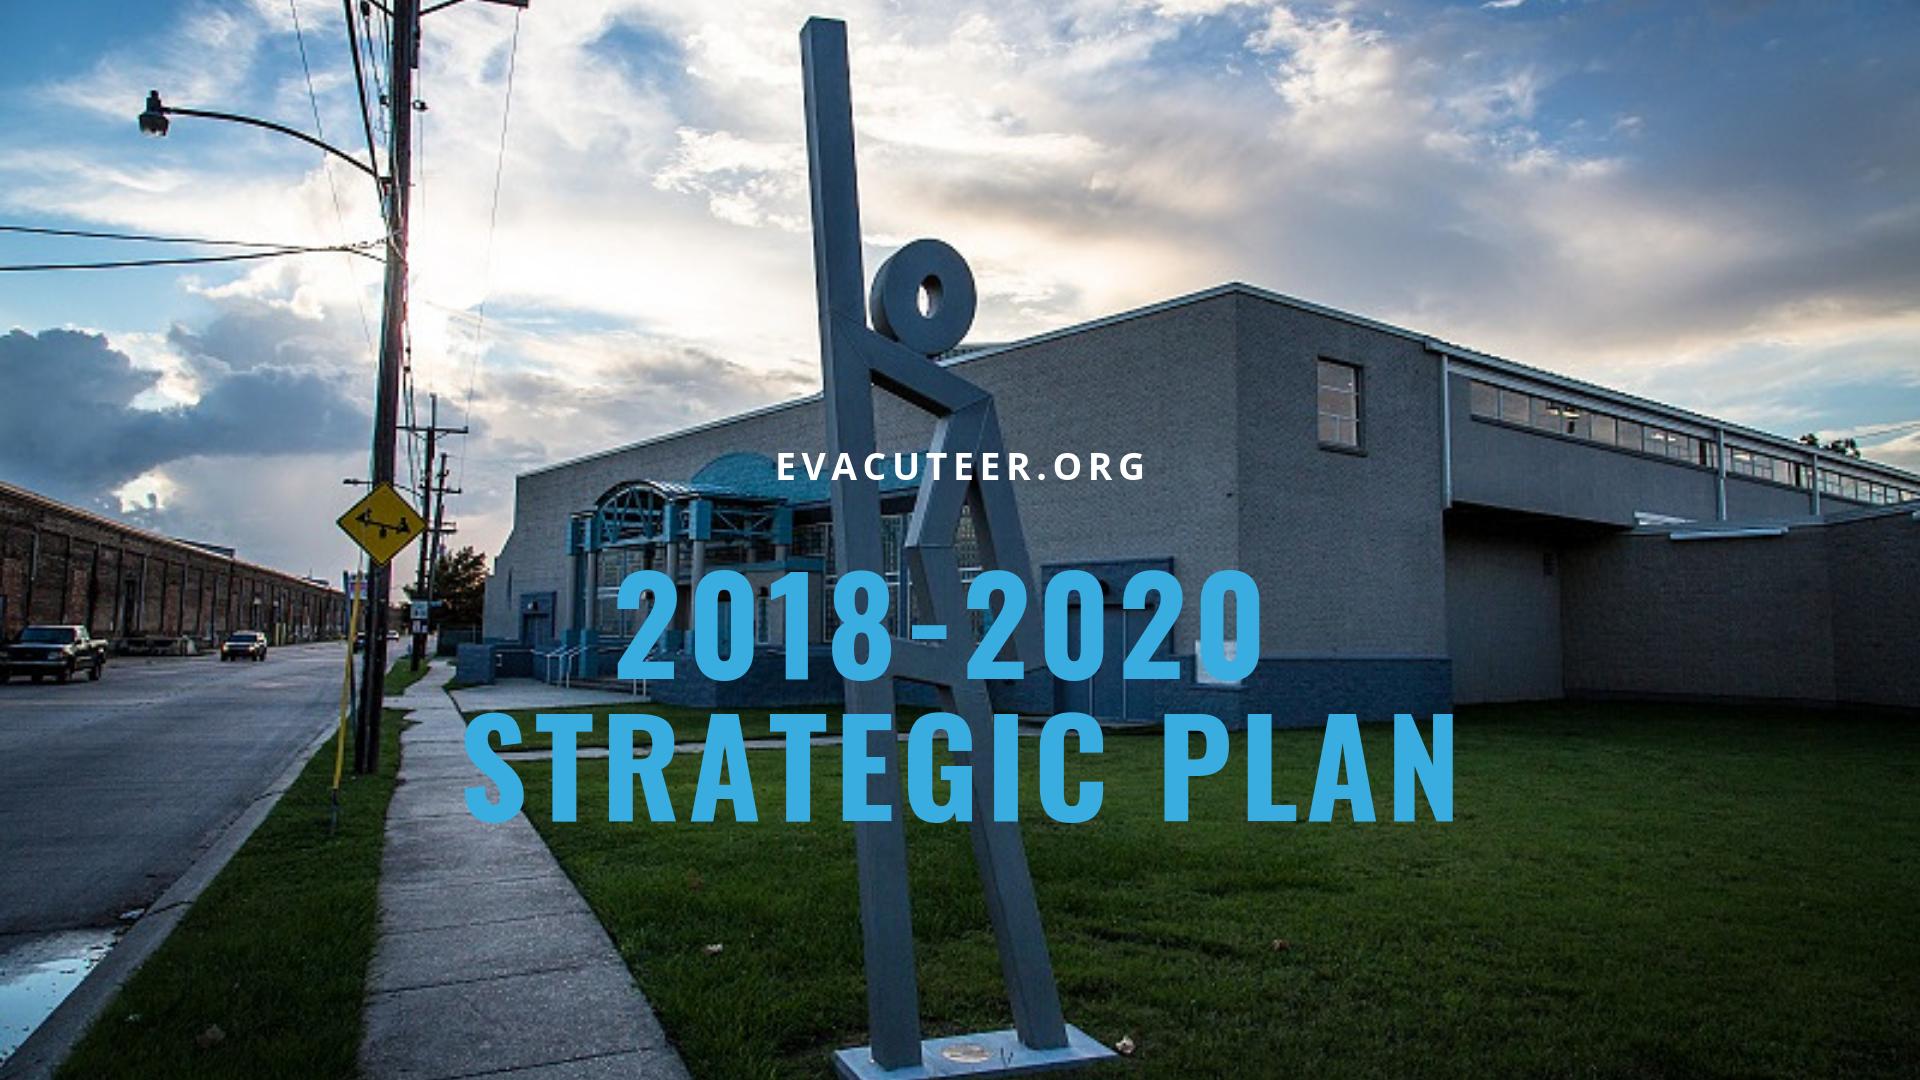 Evacuteer.org Strategic Plan Cover Photo.png